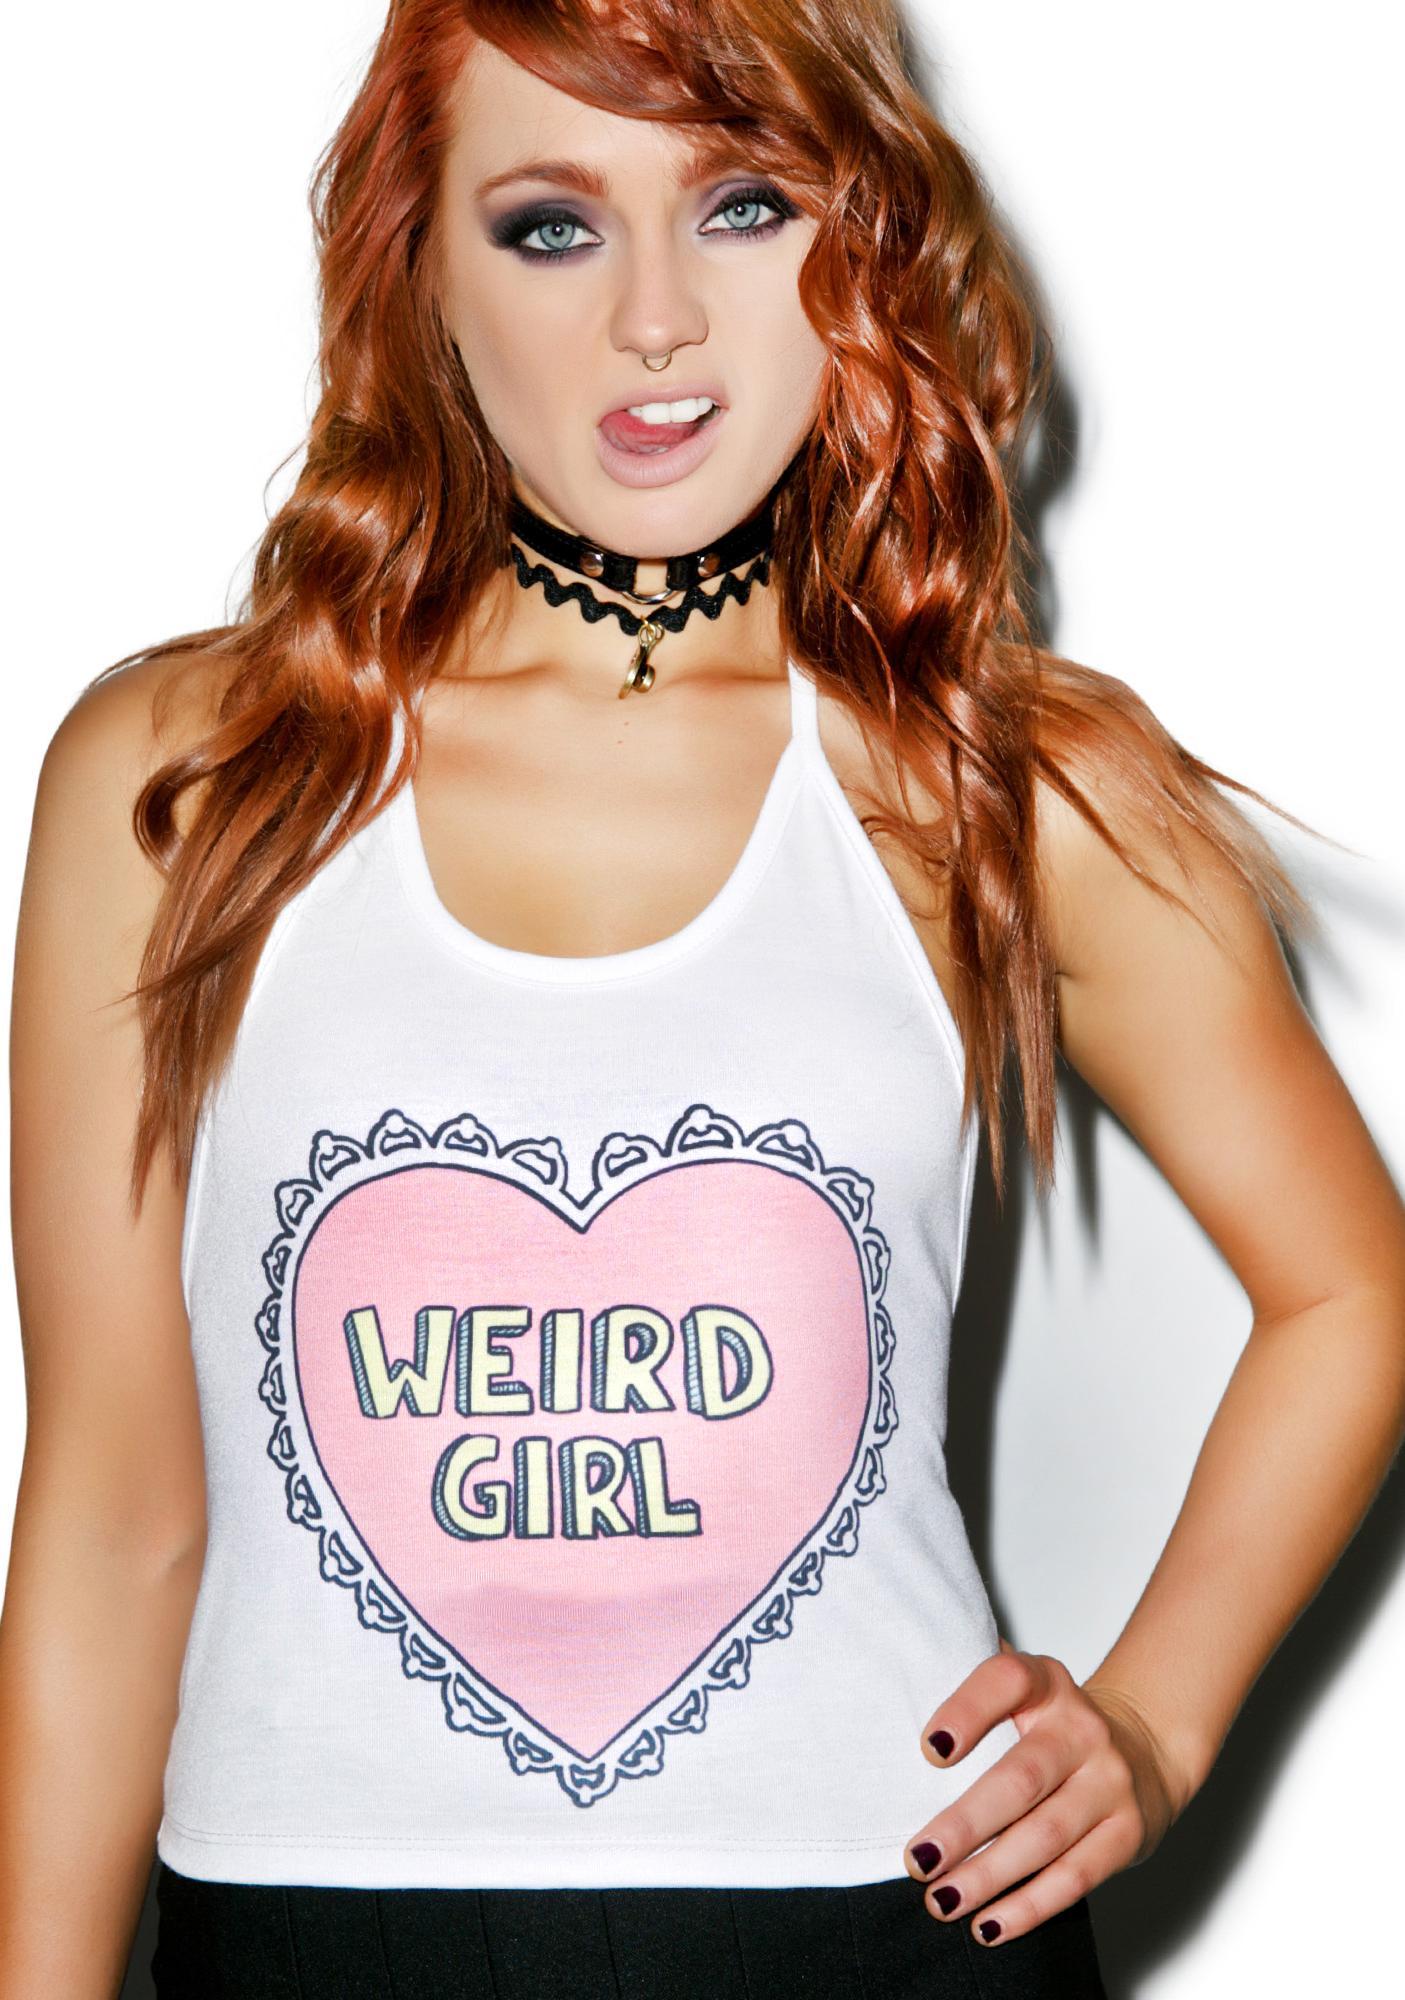 Weird Girl Halter Top